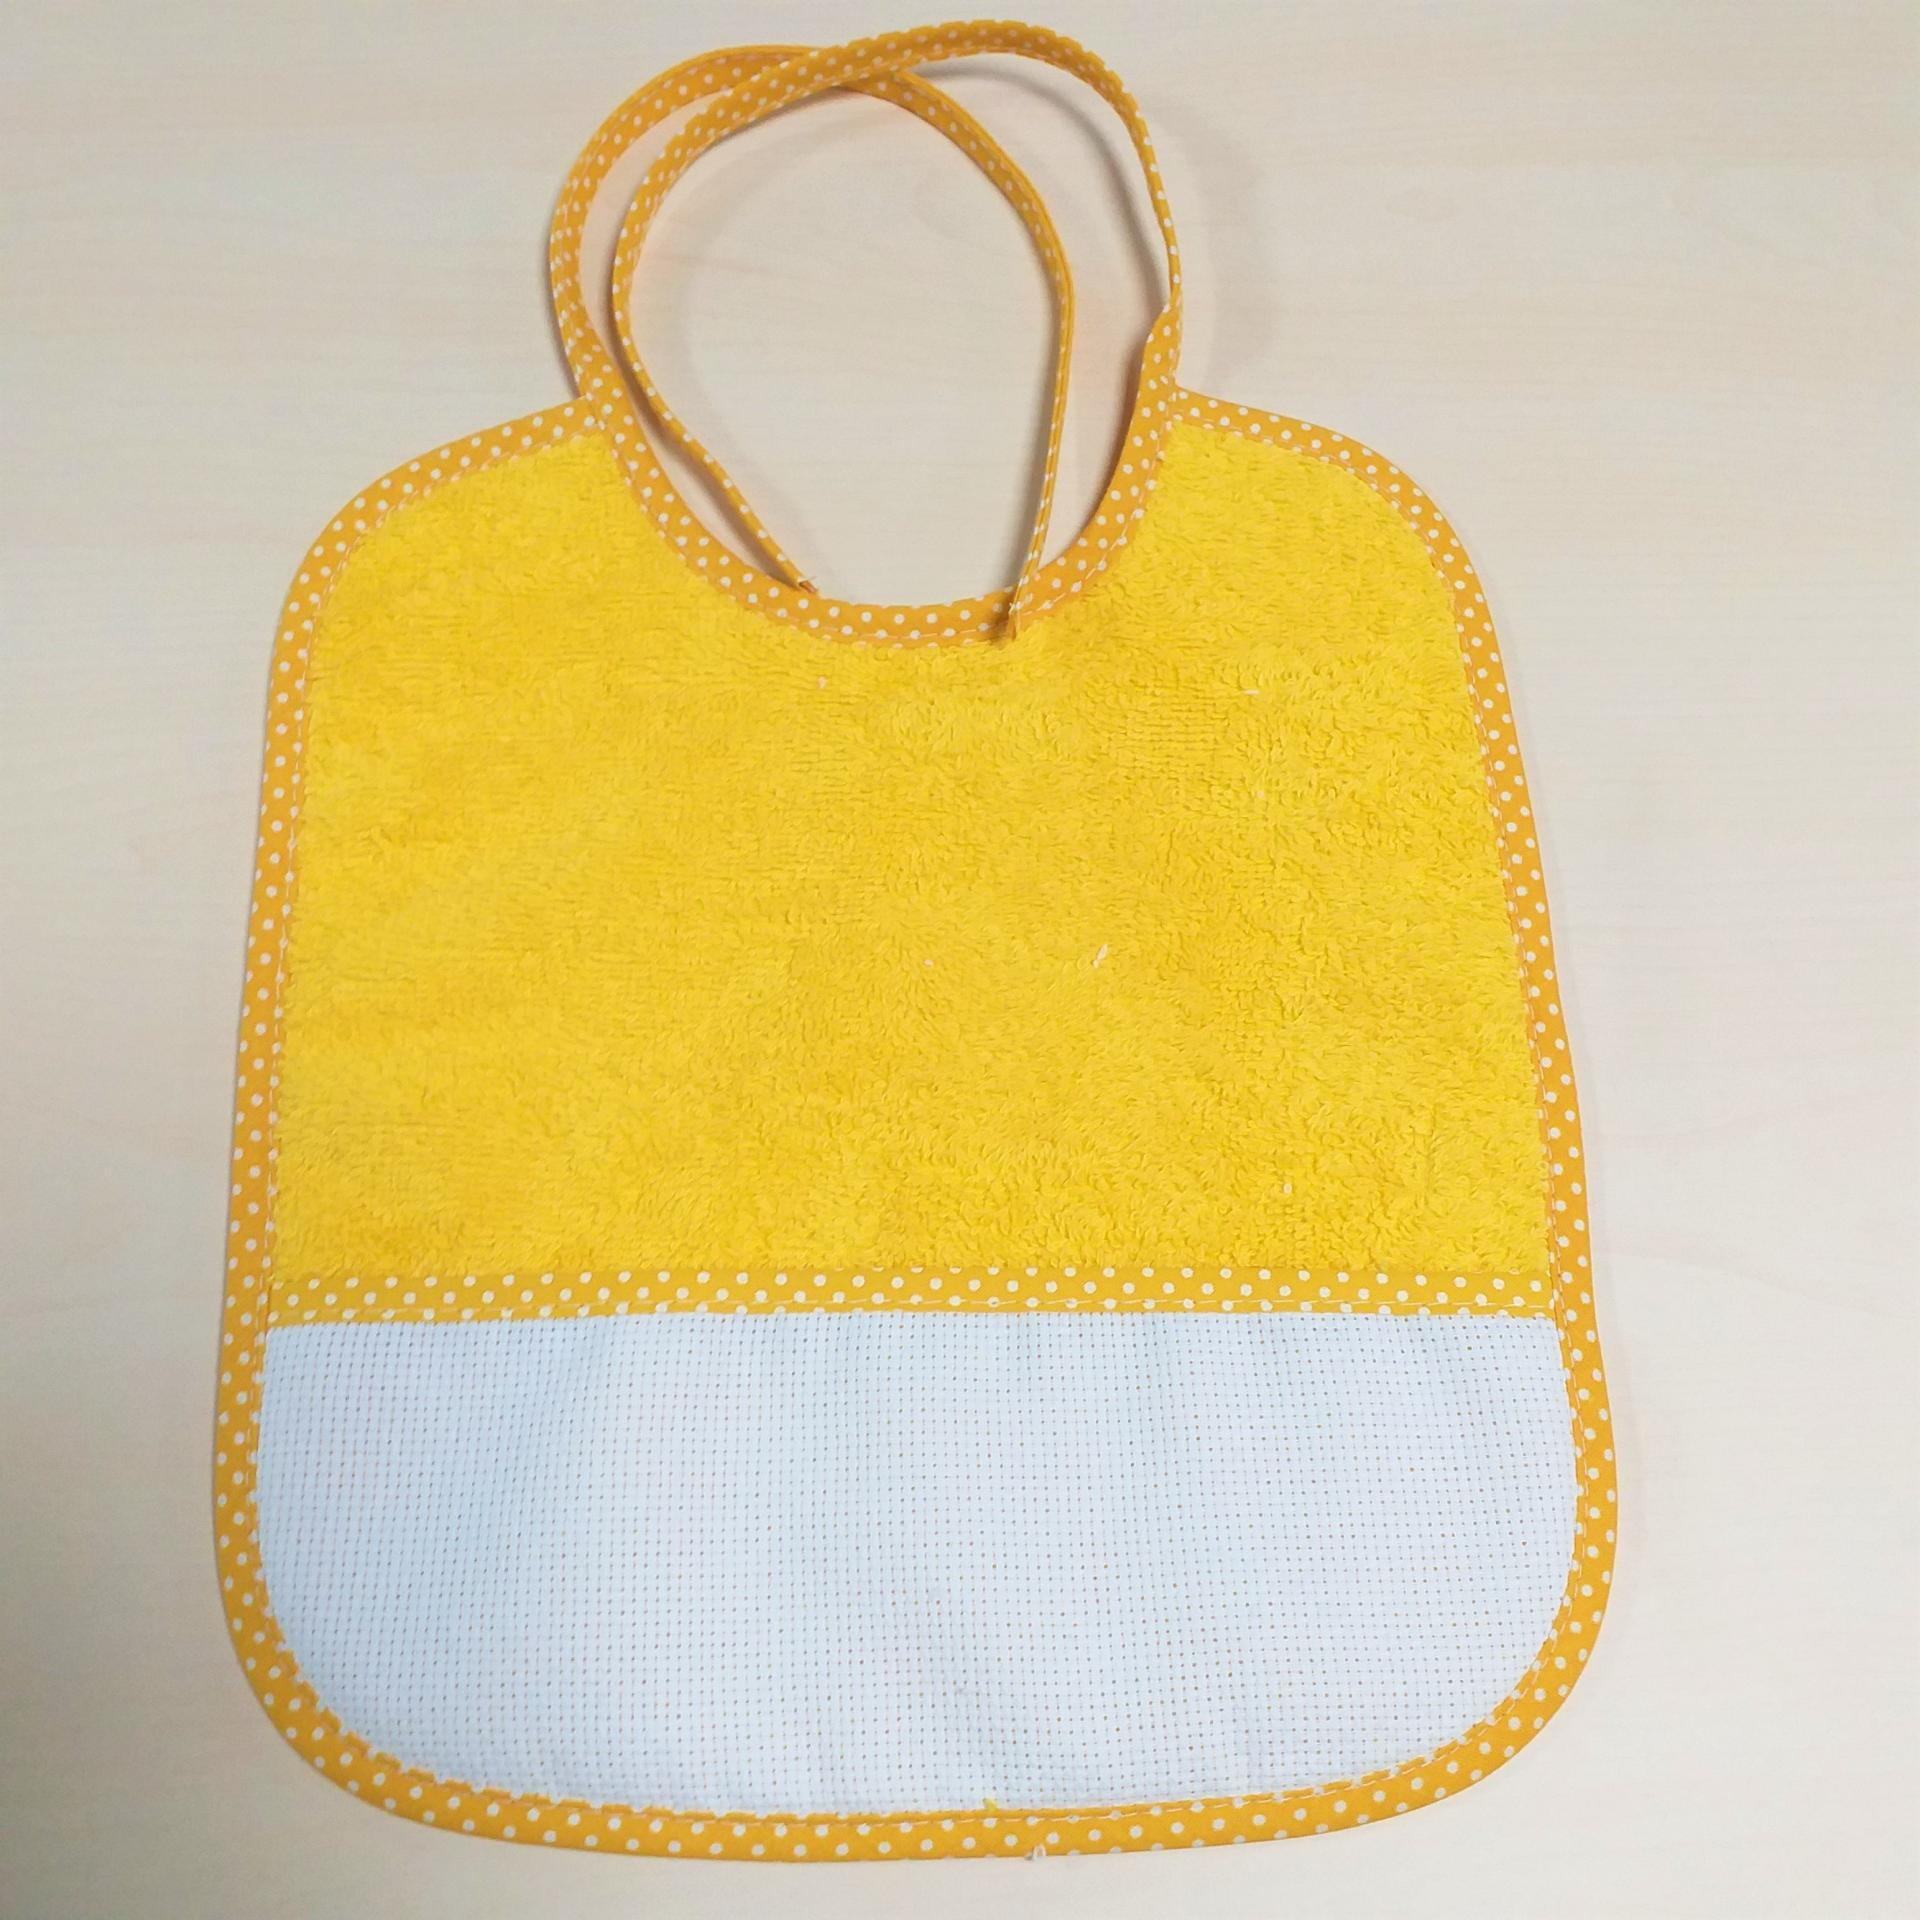 Bavoir jaune 1